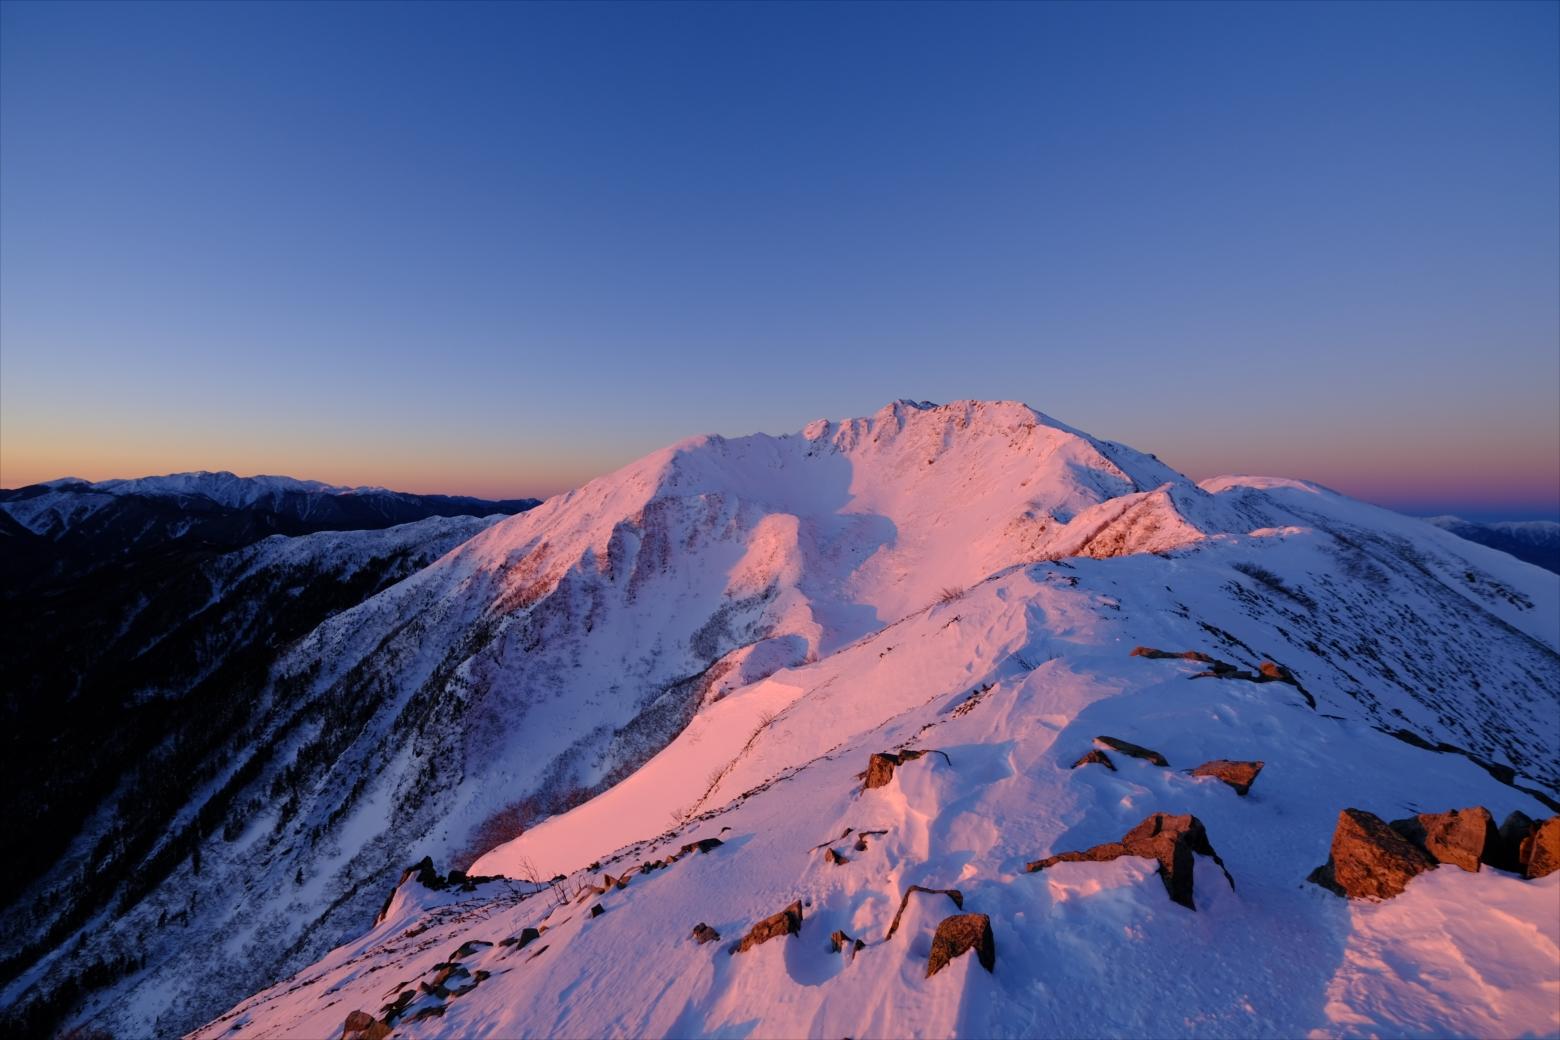 【山岳写真】フィルムシミュレーション・Velviaの作例紹介